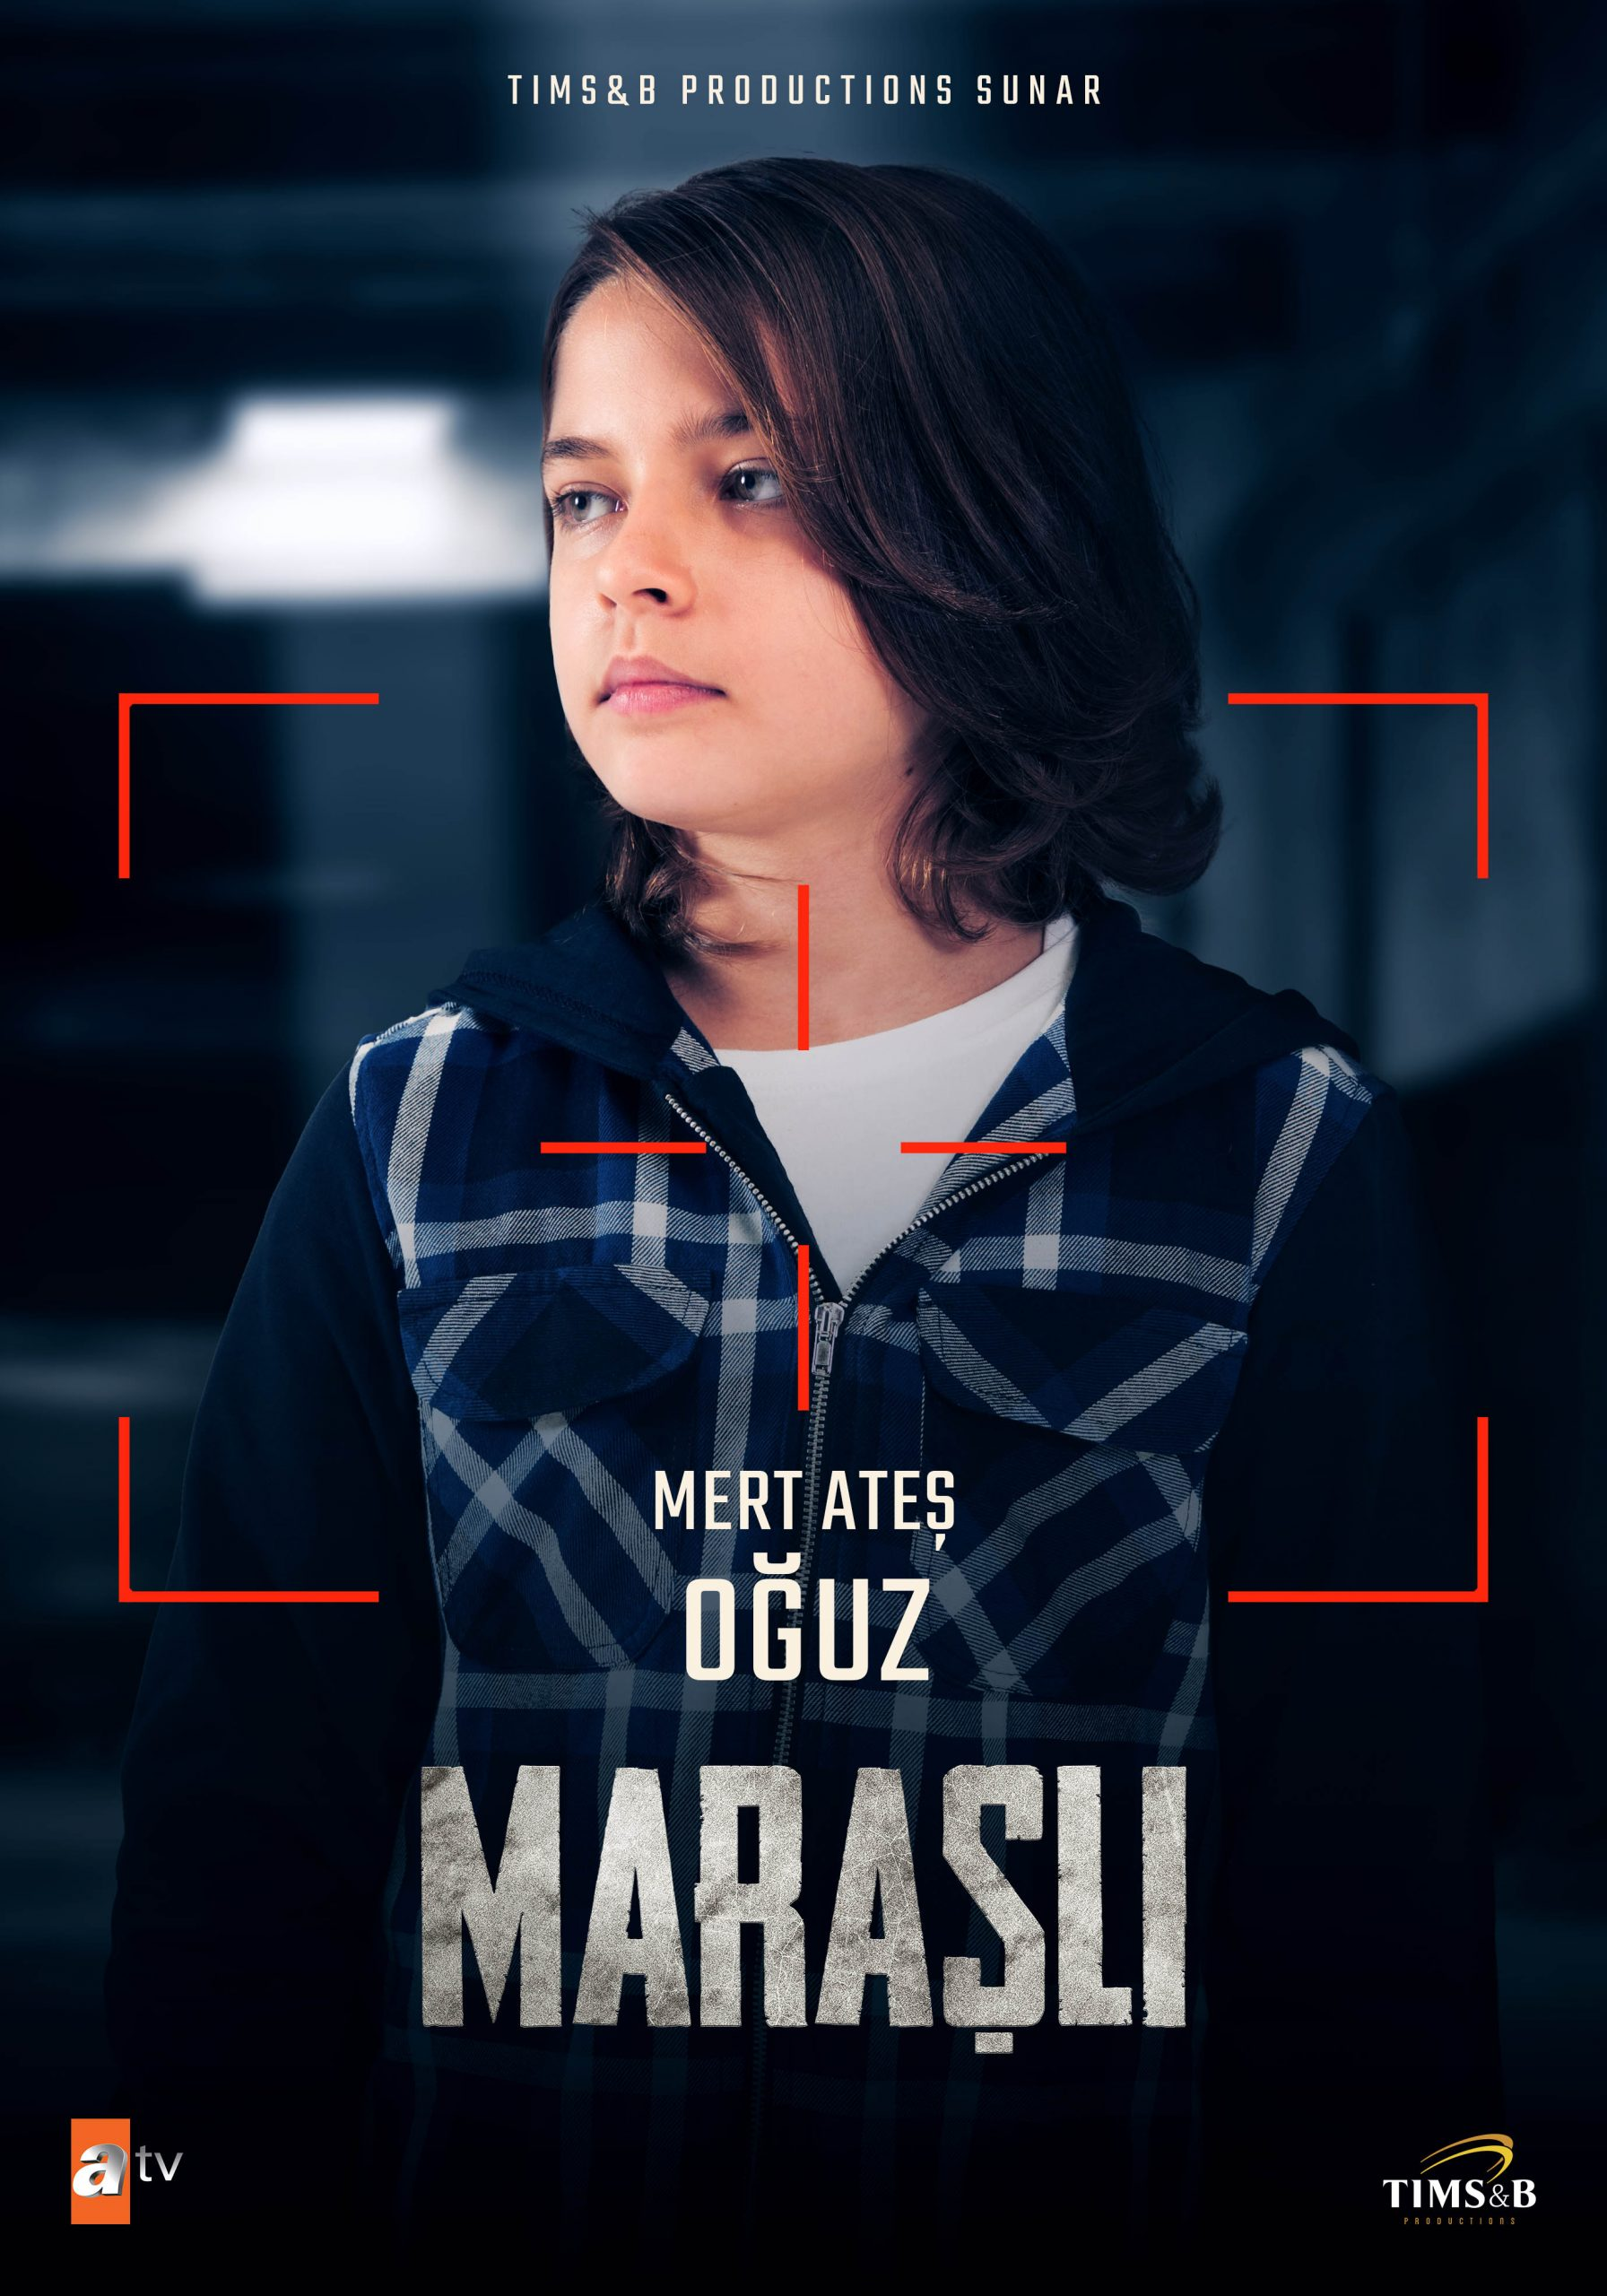 MARASLI_K_OGUZ_M-scaled